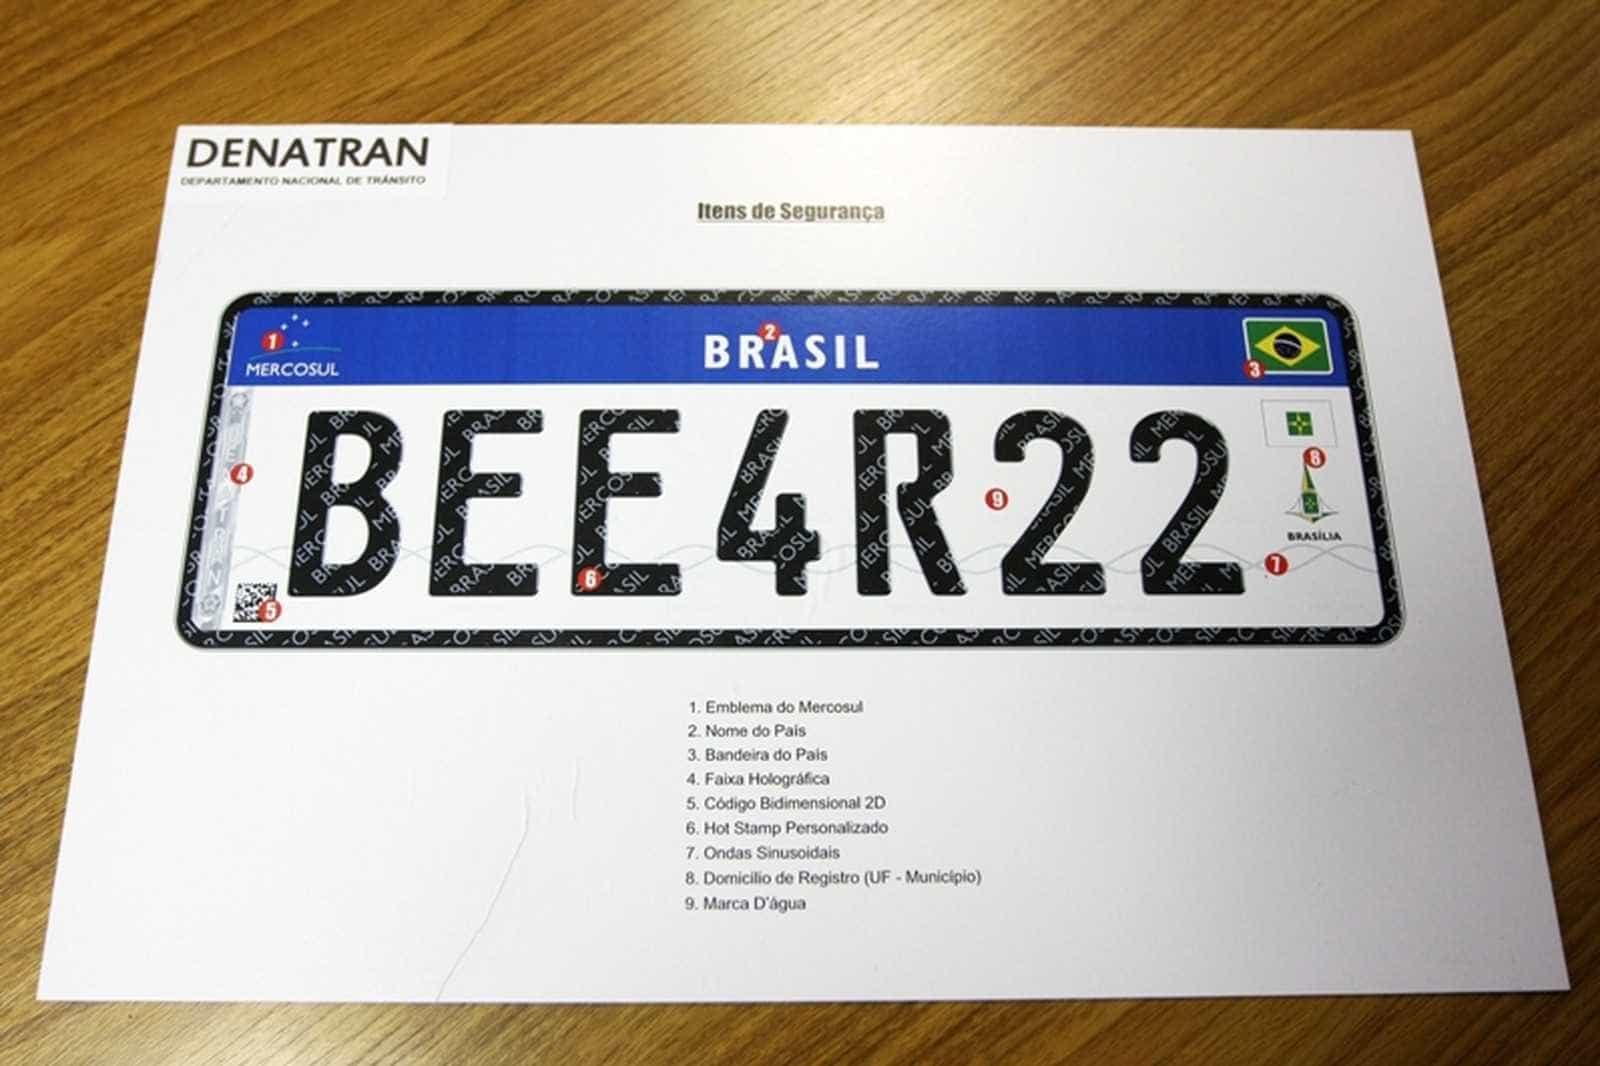 Veículos deverão adotar placas no padrão do Mercosul